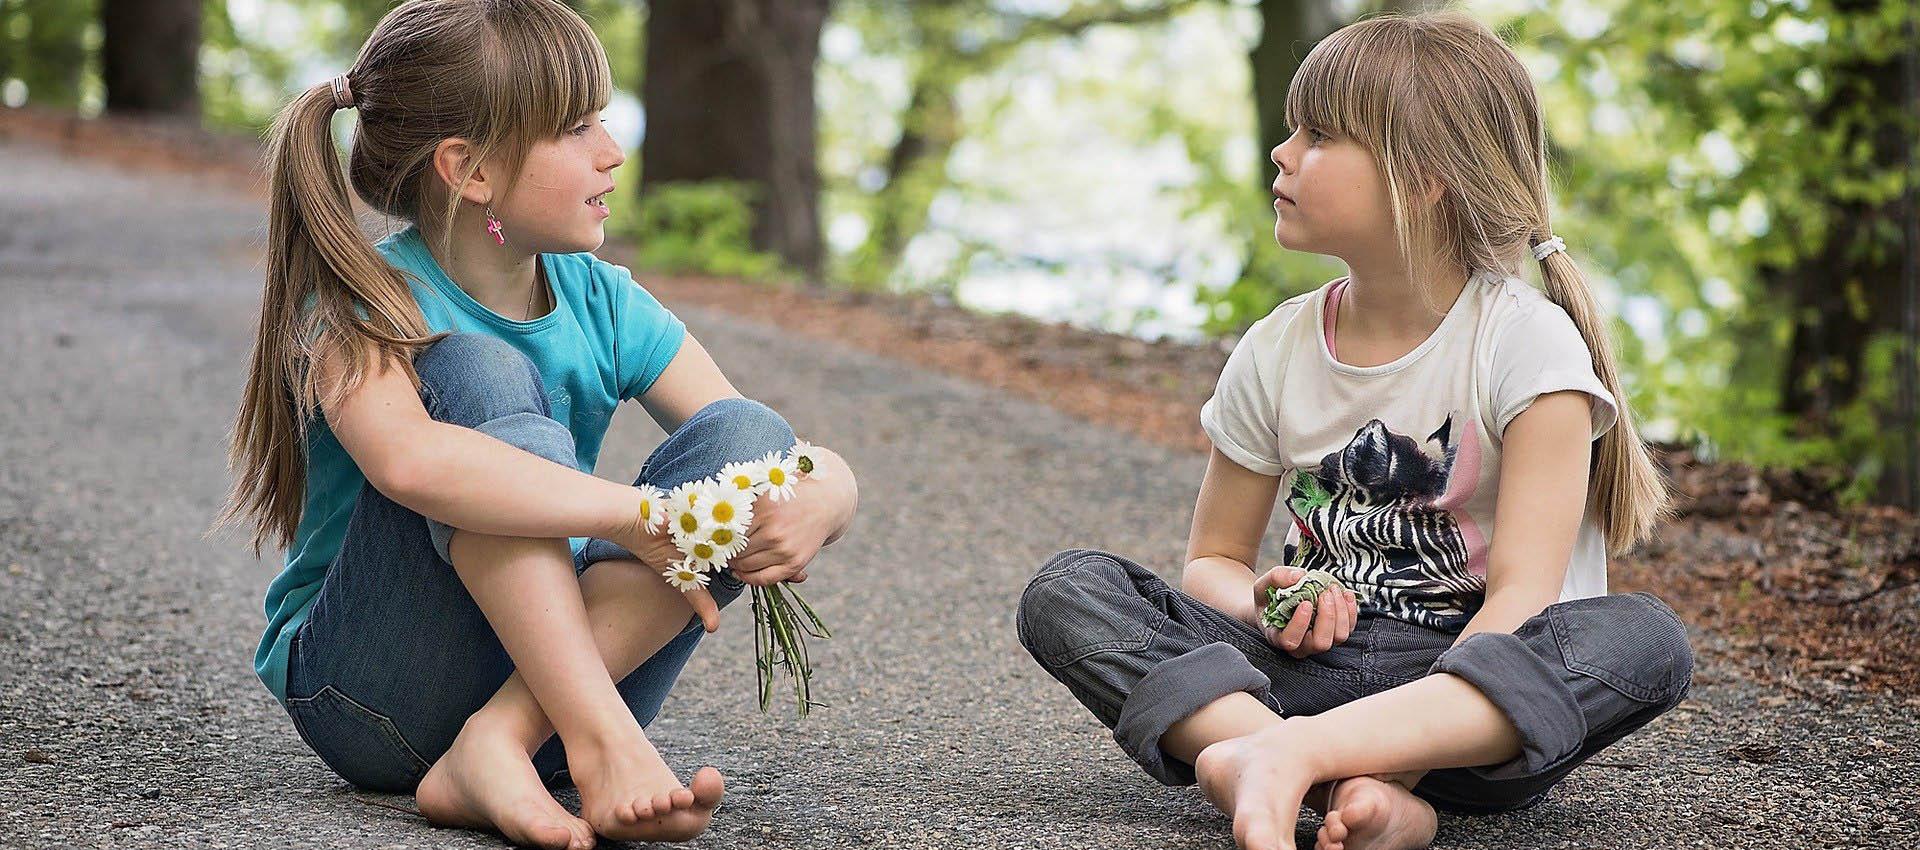 Två flickor som sitter på marken och pratar med varandra.